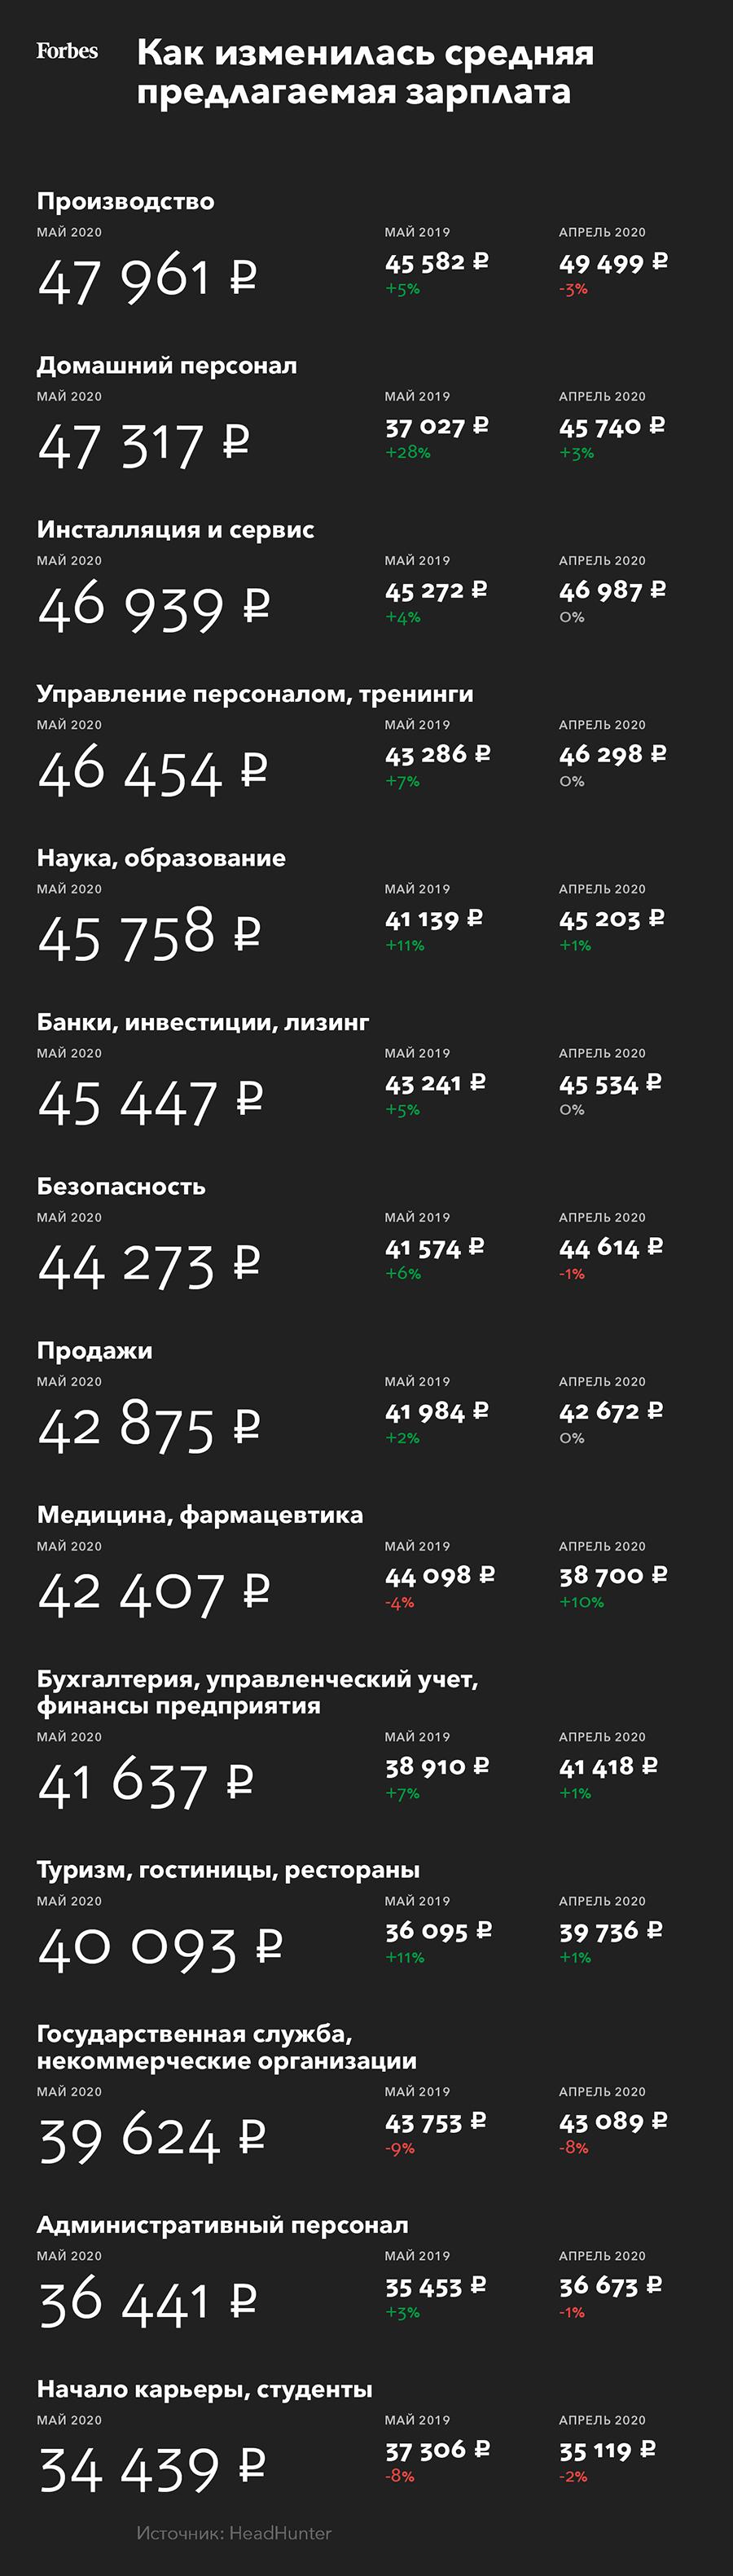 Снижение кадастровой стоимости земельного участка.заявление о пересмотре кадастровой стоимости земельного участка 2017